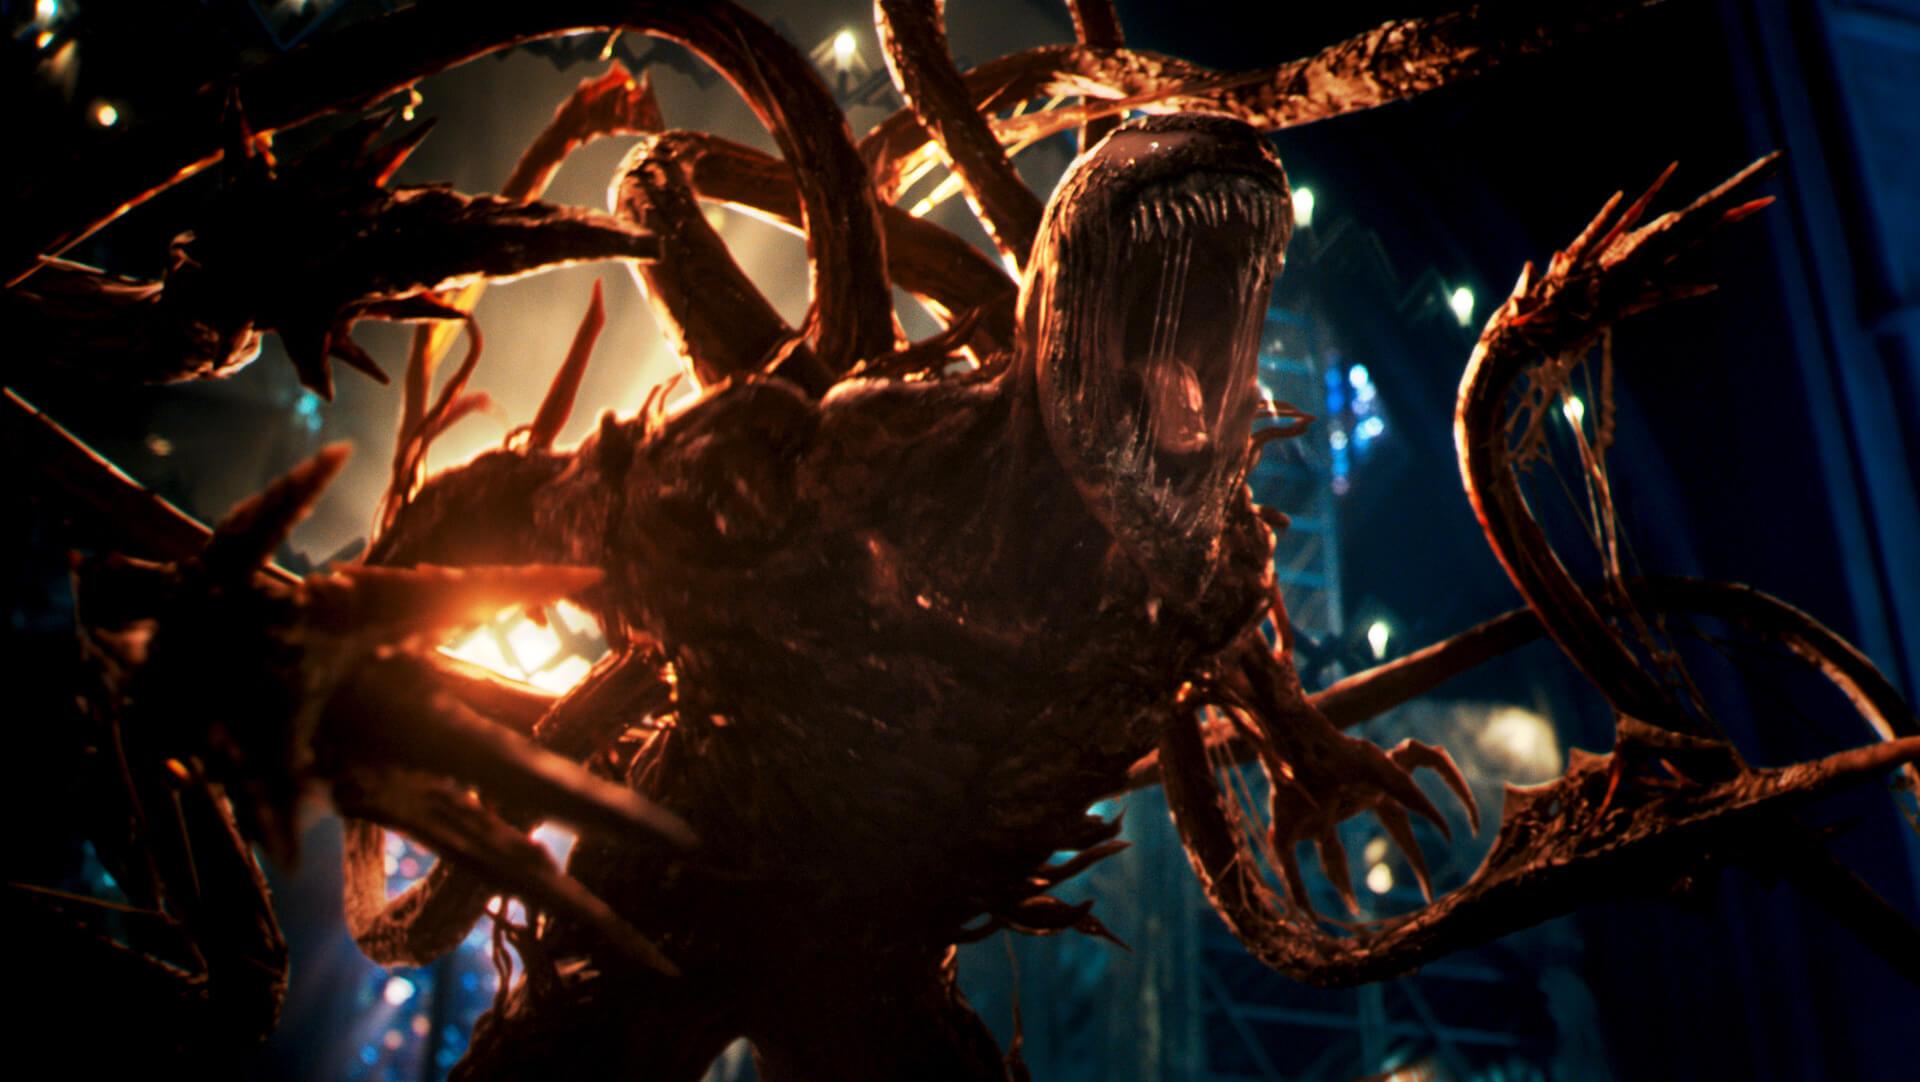 12月、ヴェノム&カーネイジがついに襲来!『ヴェノム:レット・ゼア・ビー・カーネイジ』の日本公開日がついに決定 film210916_venom2_1